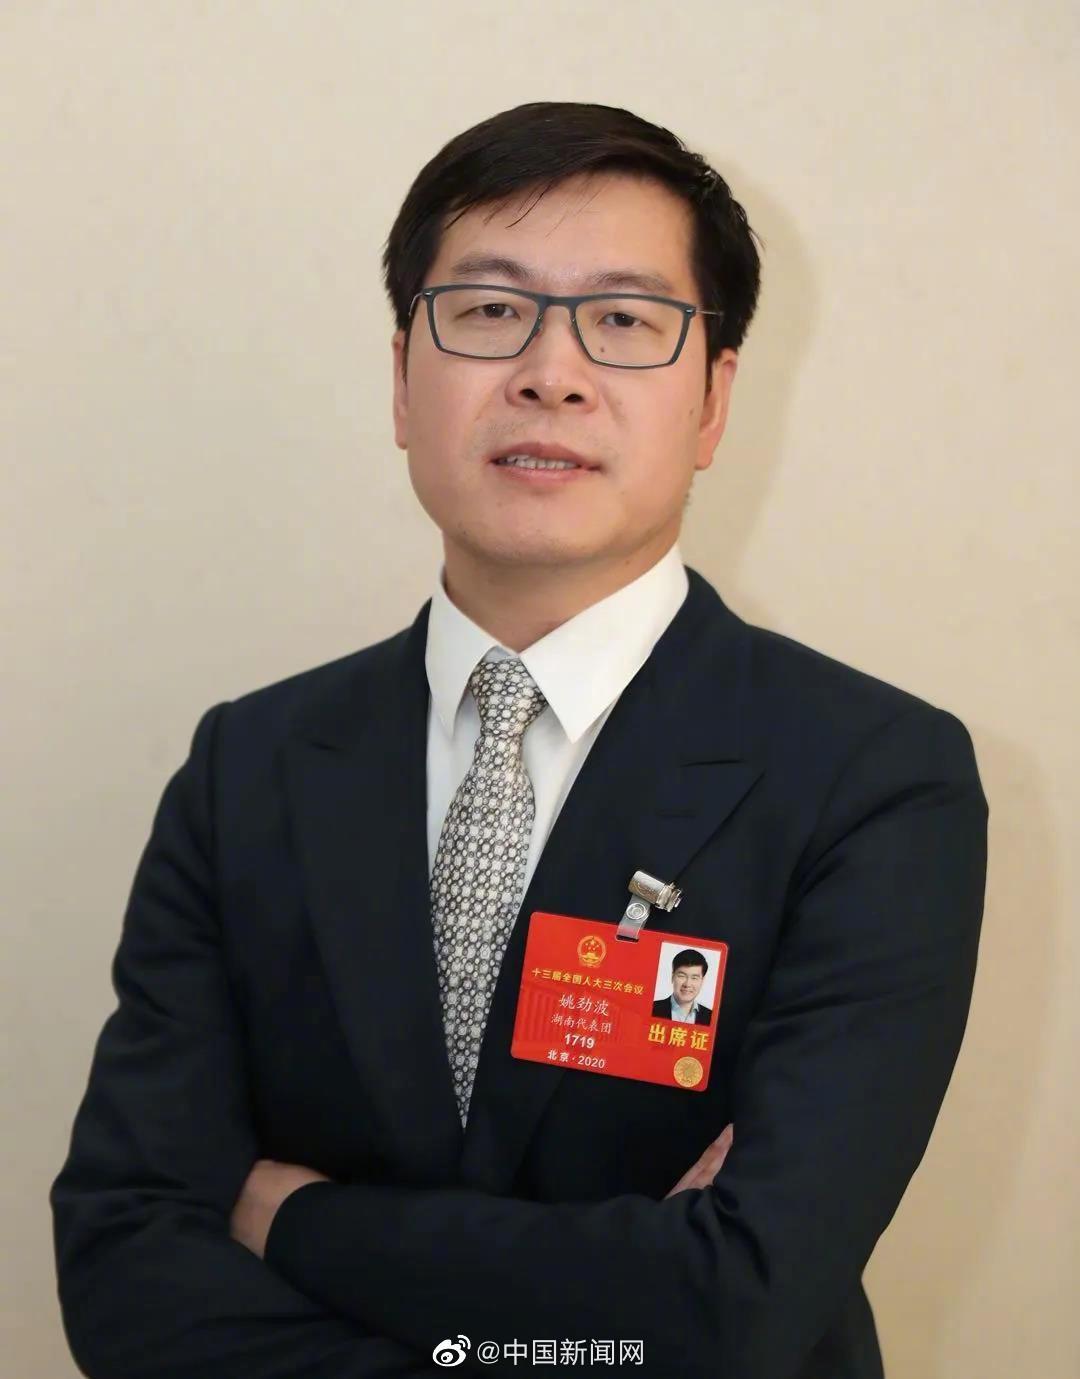 姚劲波:建议住房公积金缴存比例最低降至3%图片